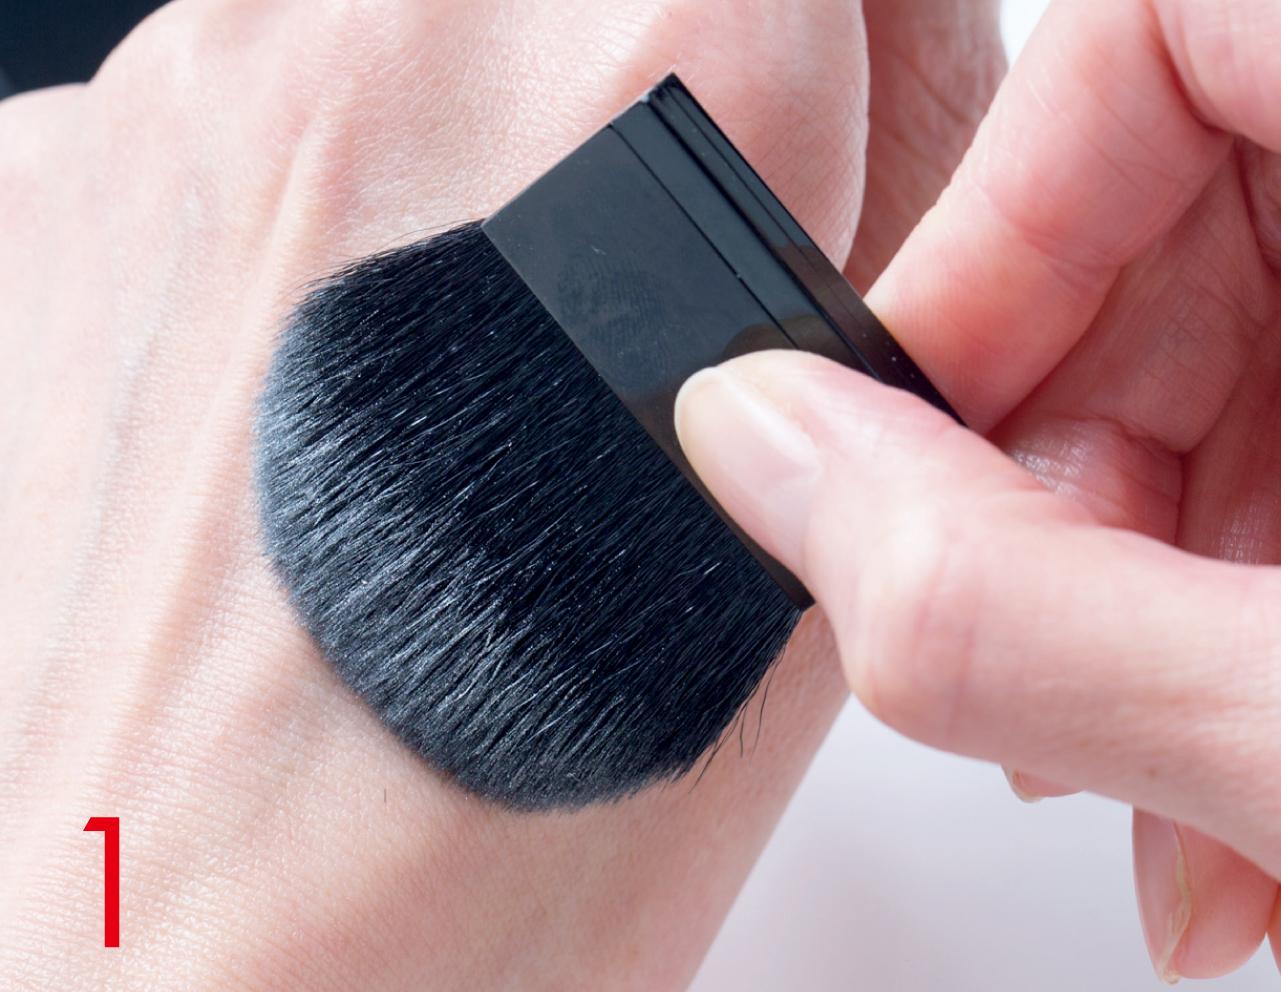 手の甲で余分な粉を払って、量をコントロール